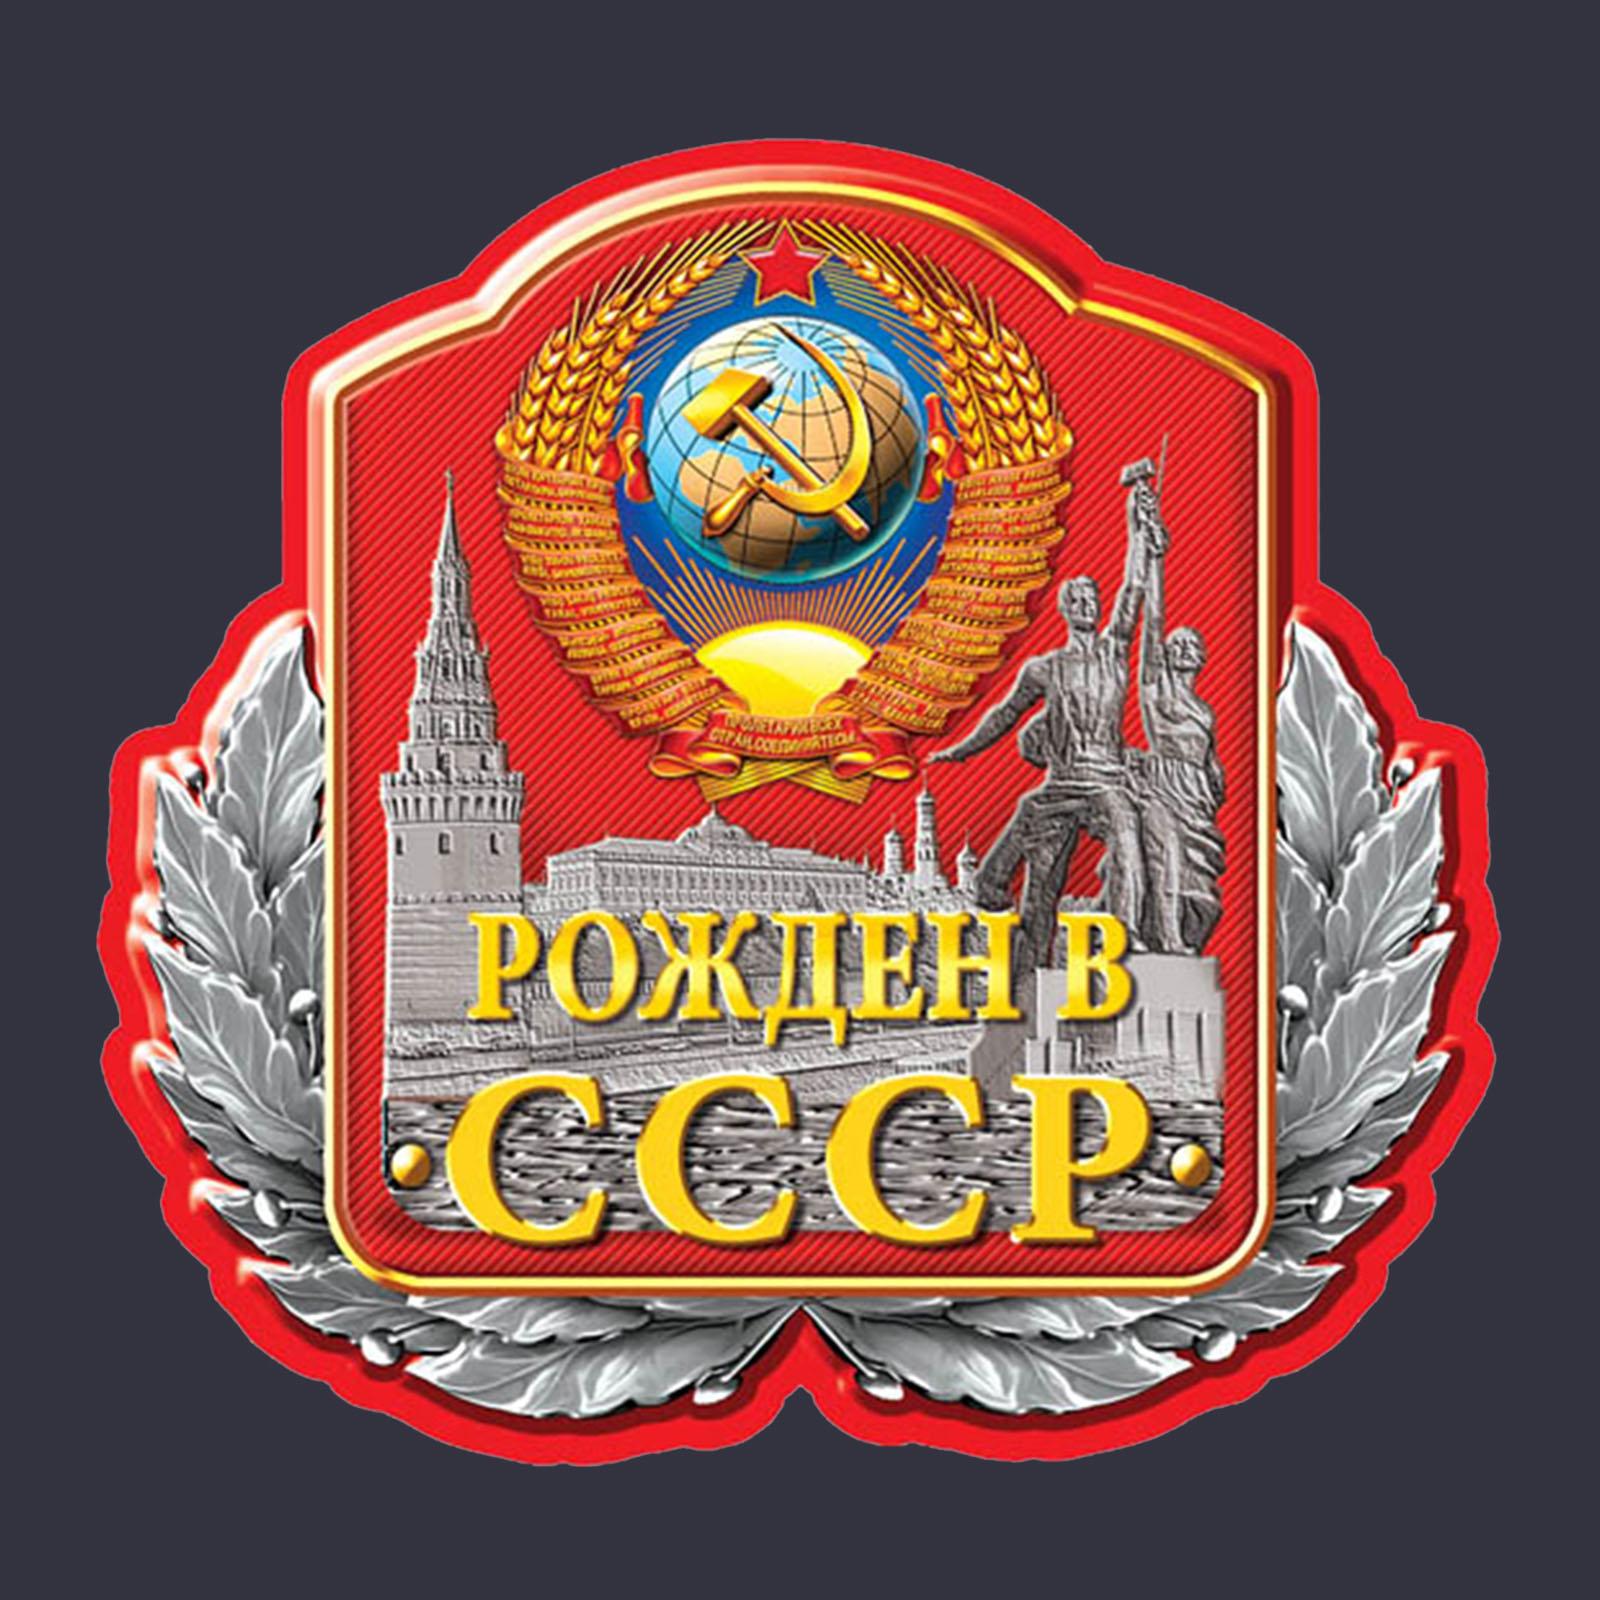 Купить удобную темно-синюю бейсболку с термонаклейкой Рожден в СССР оптом выгодно